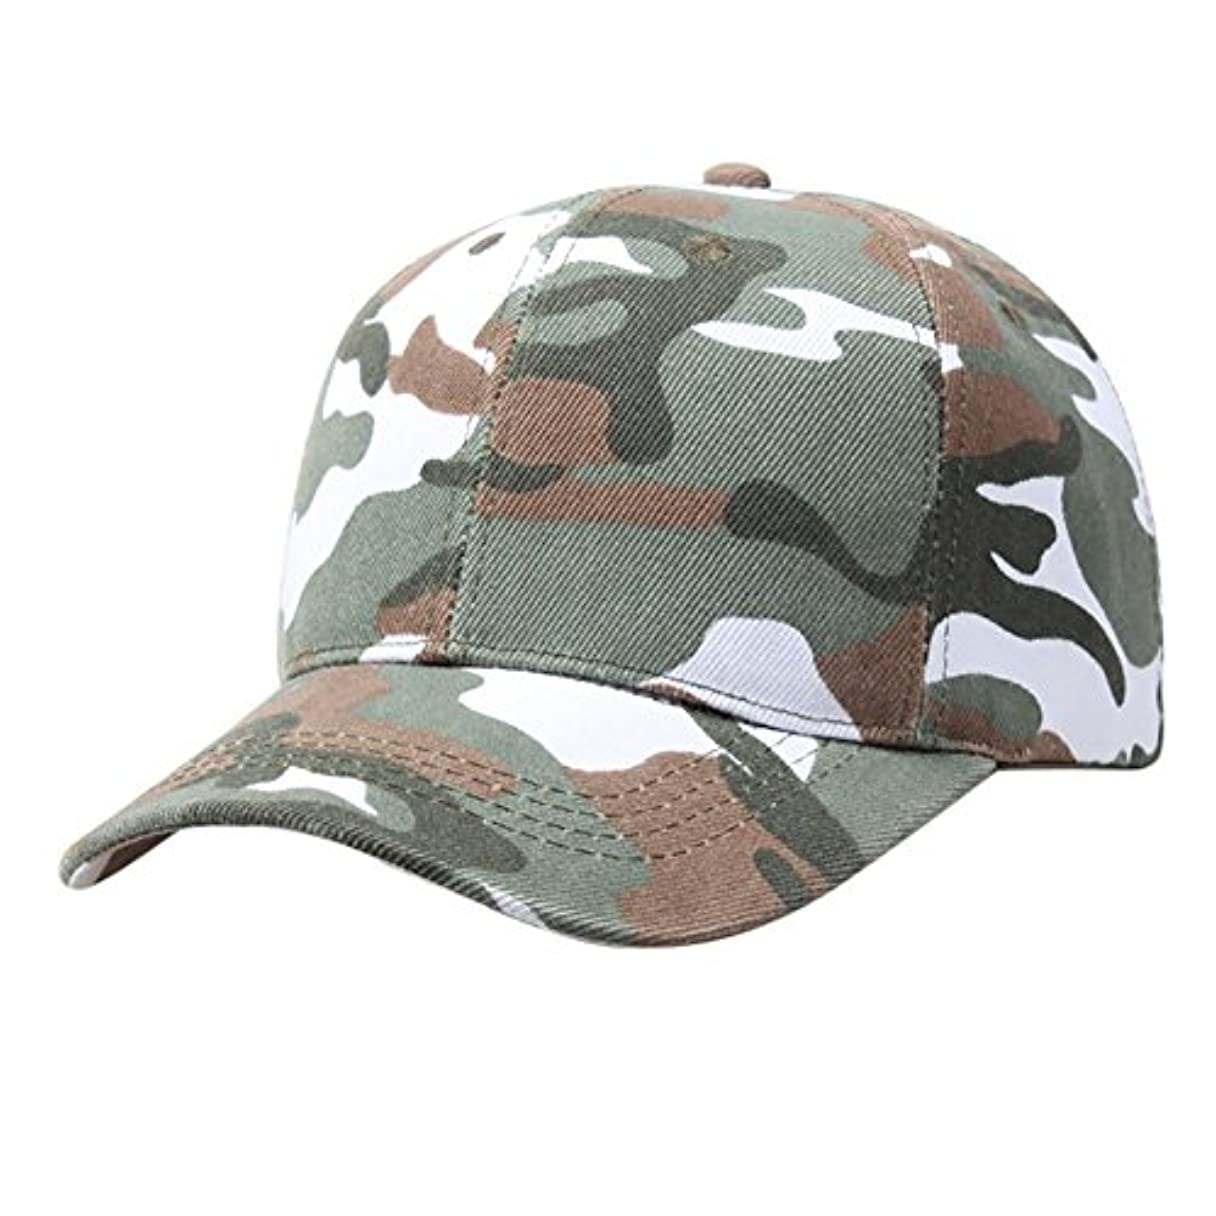 驚かす処理ポップRacazing Cap 迷彩 野球帽 軍用 通気性のある ヒップホップ 帽子 夏 登山 緑 可調整可能 棒球帽 男女兼用 UV 帽子 軽量 屋外 カモフラージュ Unisex Cap (緑)